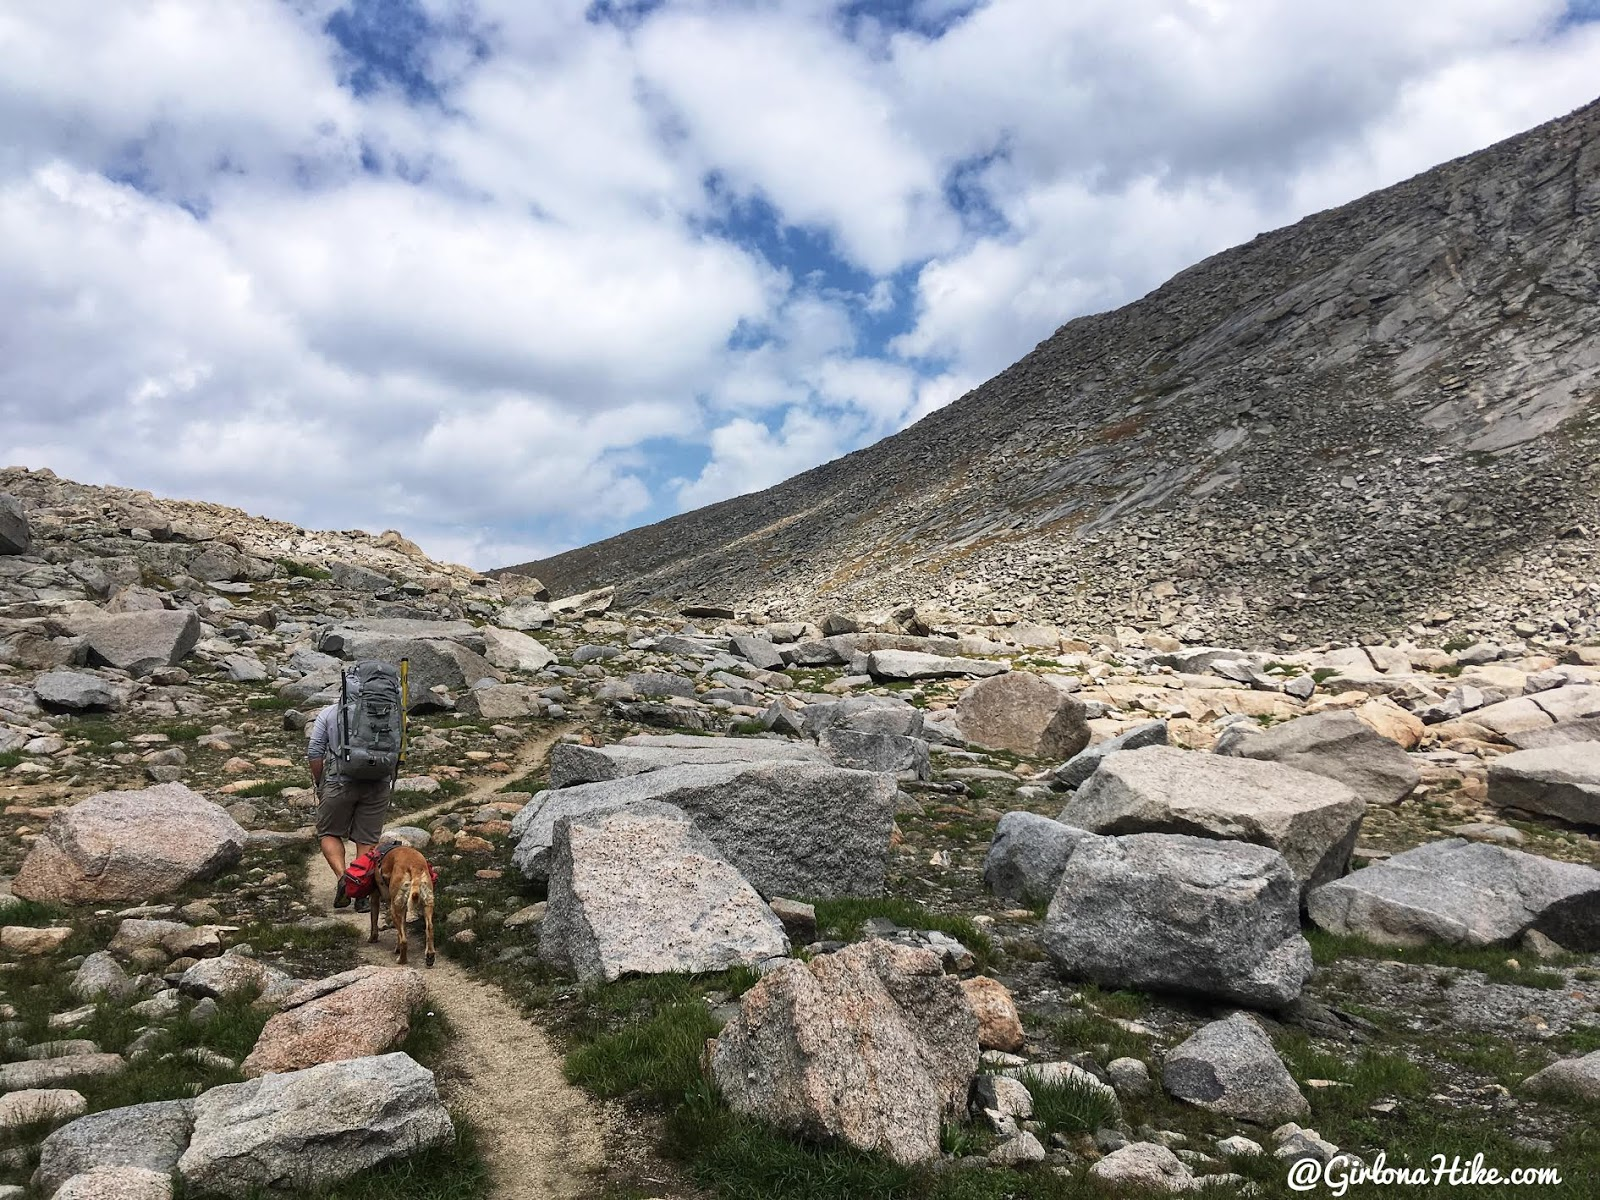 Backpacking to Mt. Hooker & Baptiste Lake, Wind River Range